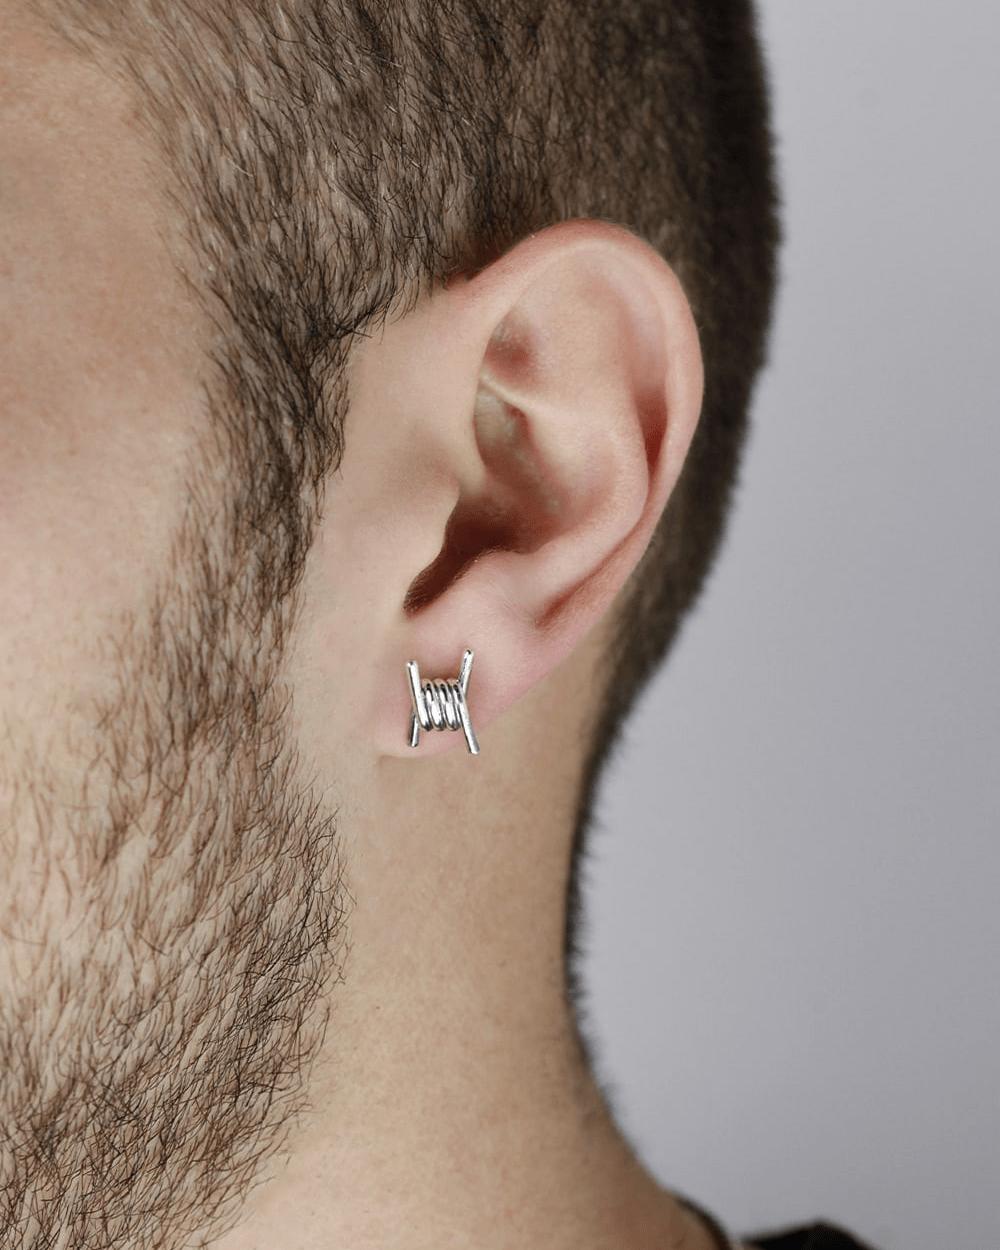 Earrings BARBED WIRE LOBE SINGLE EARRING NOVE25